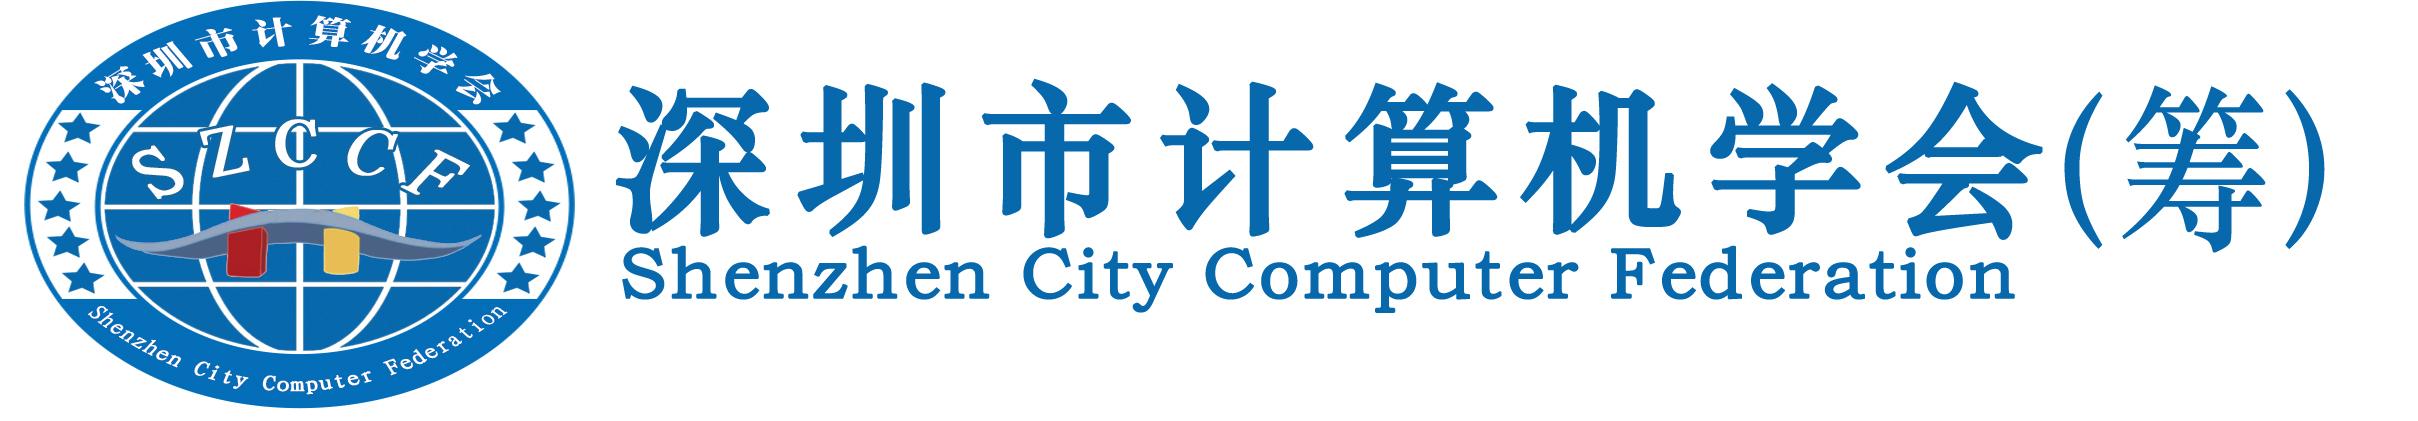 深圳市计算机学会 SZCCF